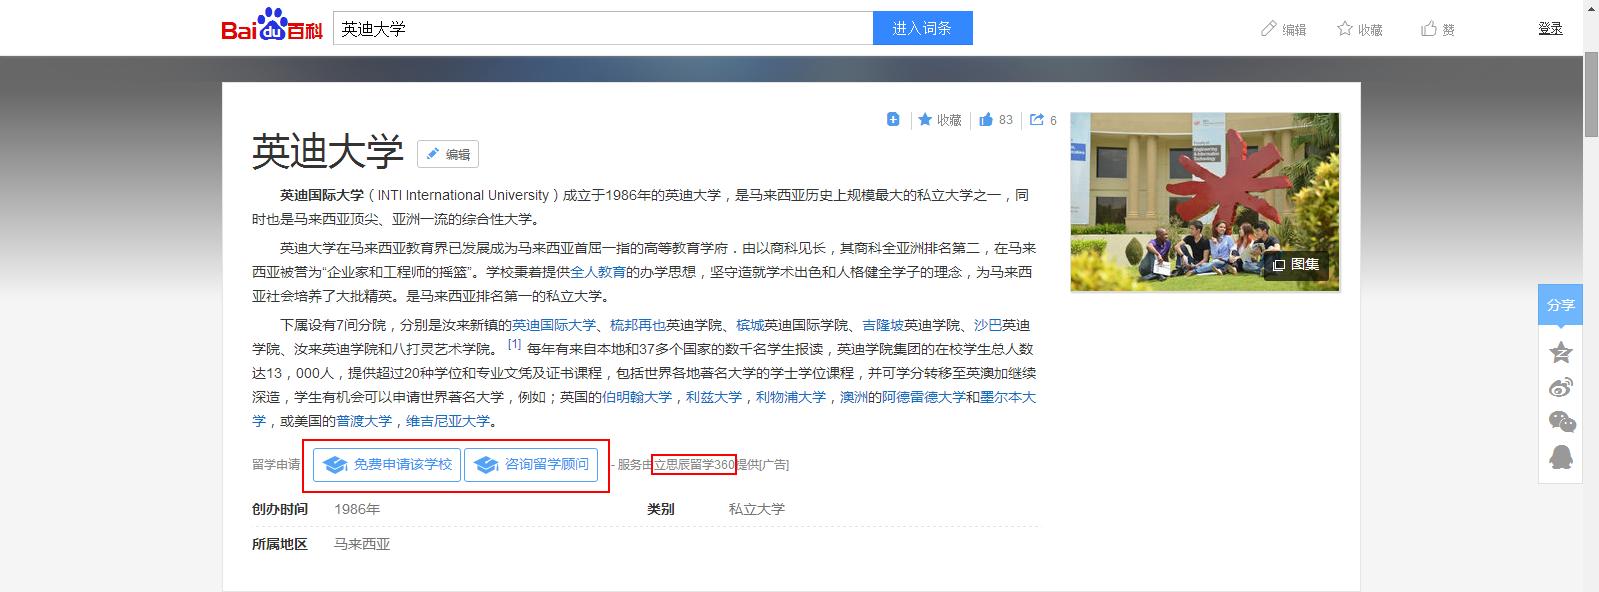 立思辰qile518—www.qile518.com_qile518齐乐国际娱乐平台登录联手百度百科重磅出击 打造权威海外院校数据库